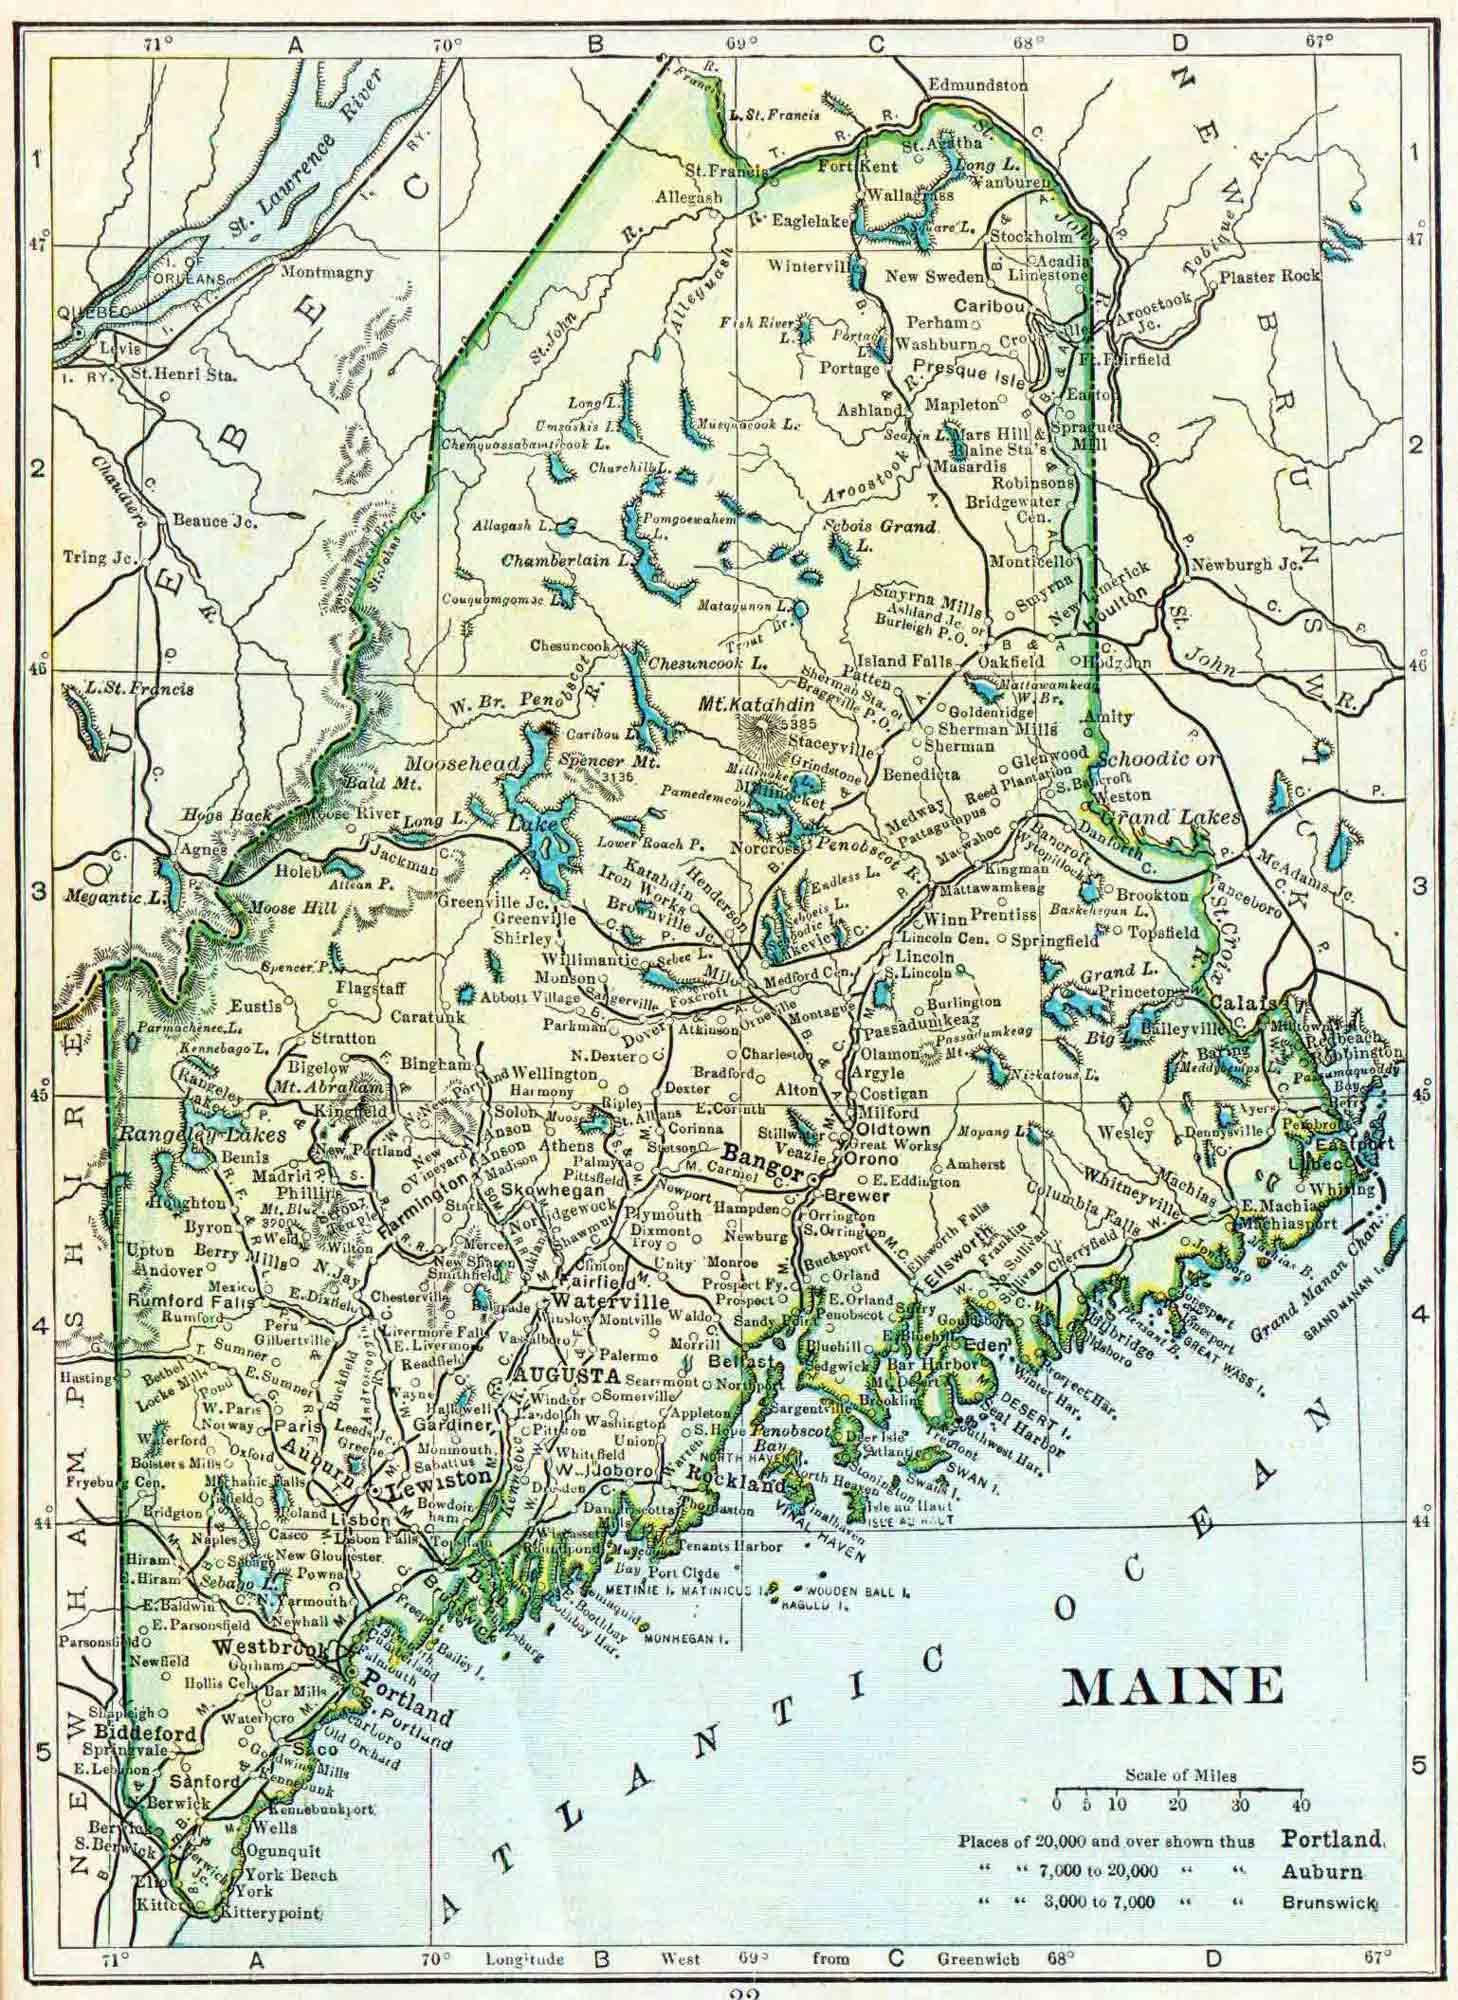 Maine Genealogy - Free Maine Genealogy | Access Genealogy on